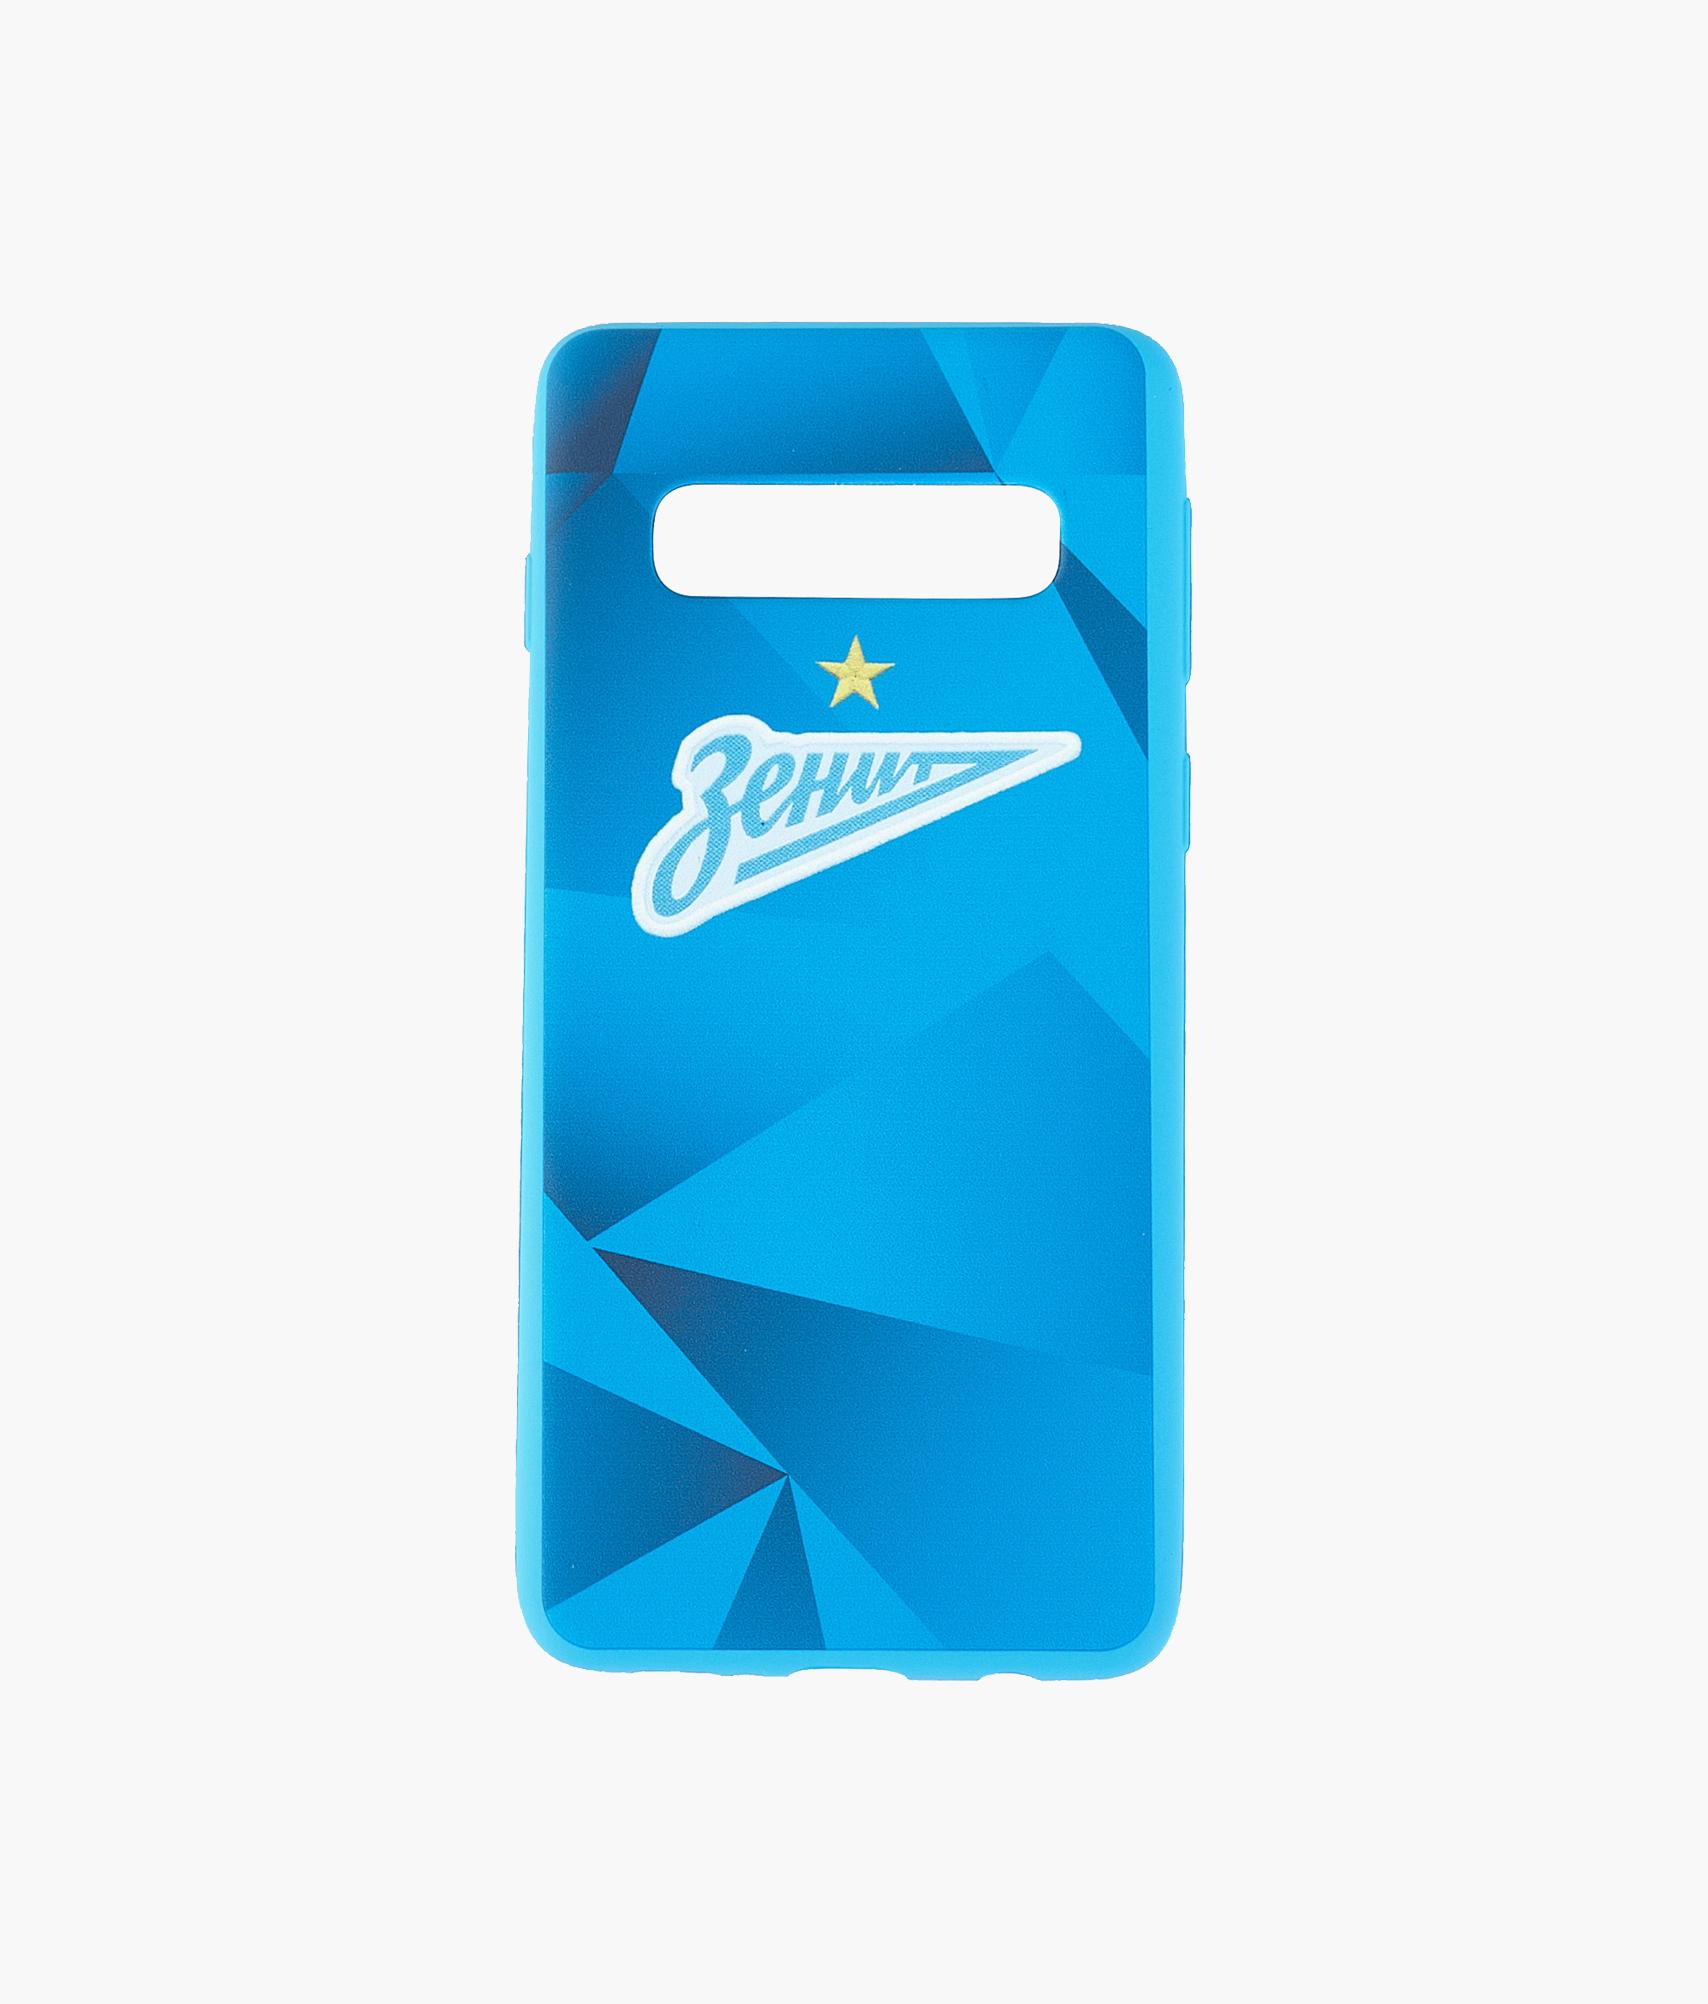 Фото - Чехол для Samsung Galaxy S10 Форма 2019/20 Зенит аксессуар чехол neypo для samsung galaxy a10 2019 soft matte silicone dark blue nst11681